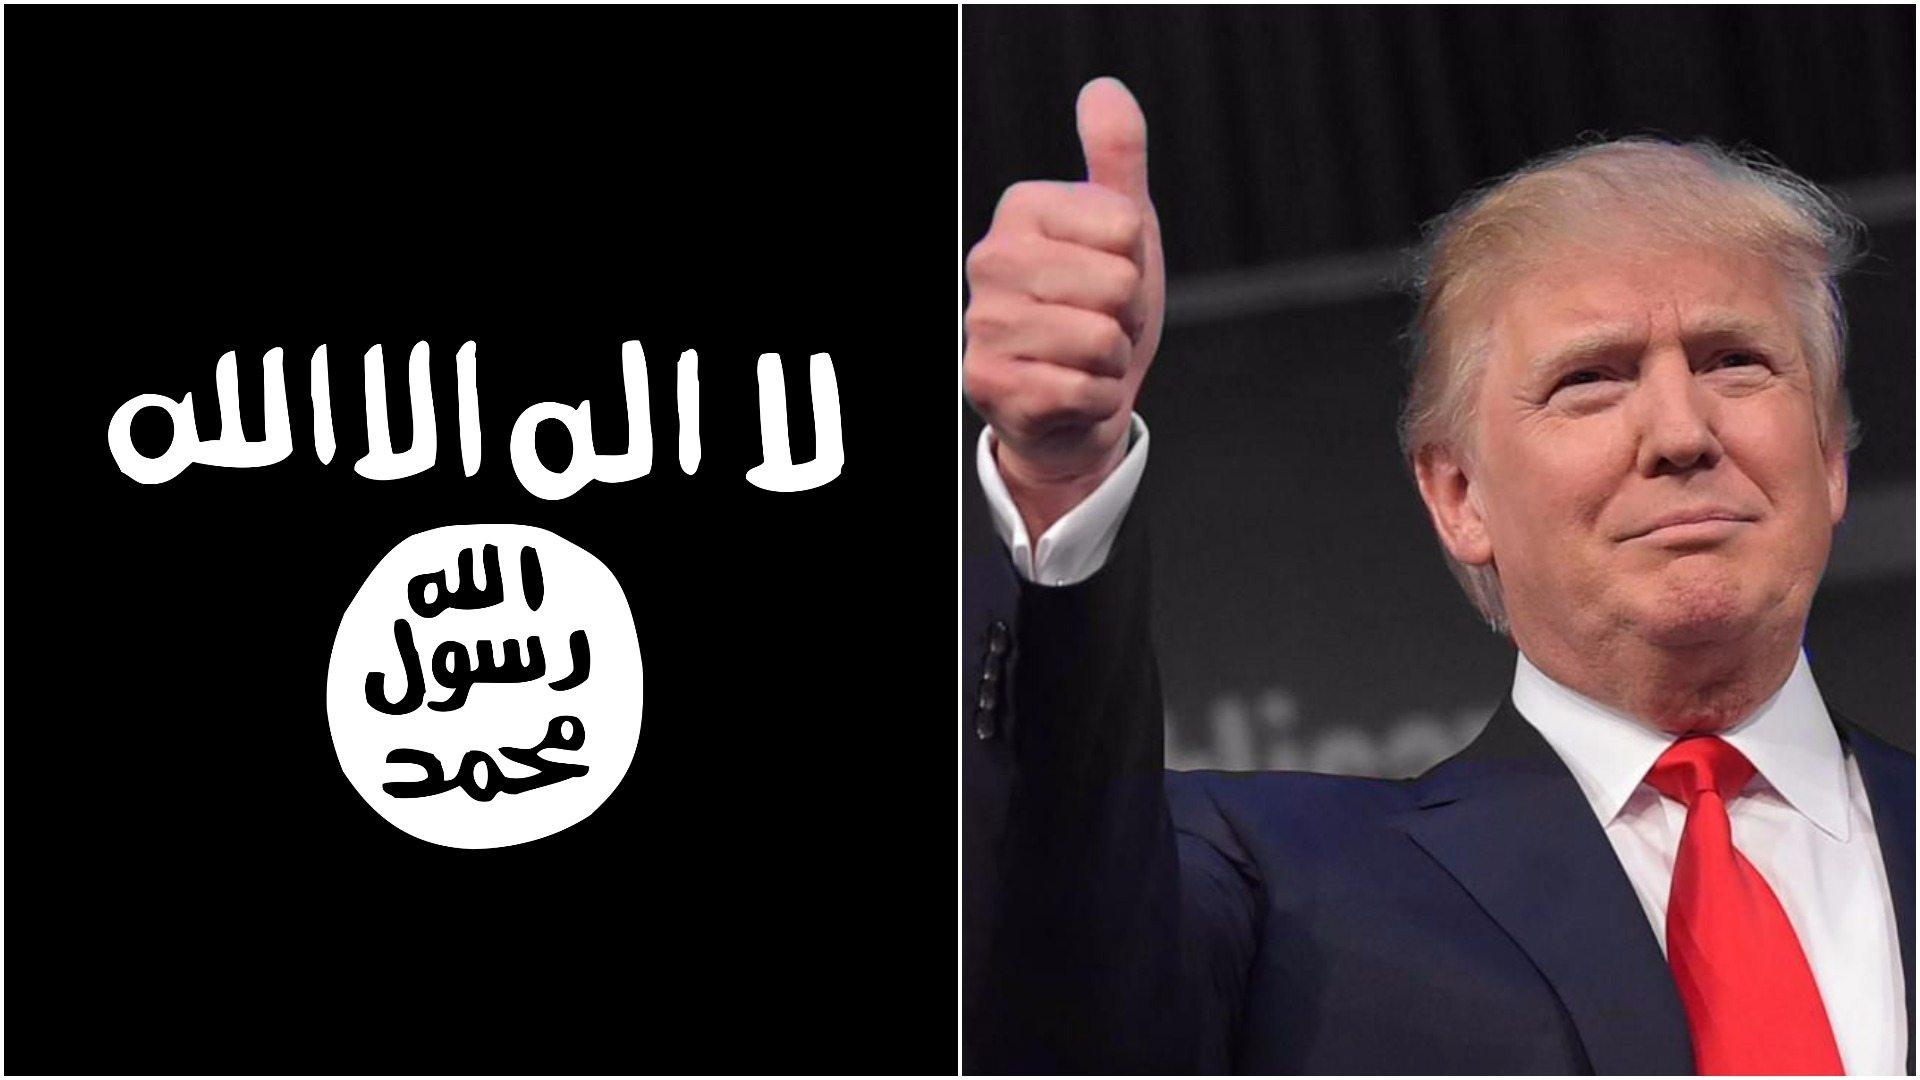 Polak walczący w Syrii: Trump dzisiejszym bombardowaniem pomógł ISIS